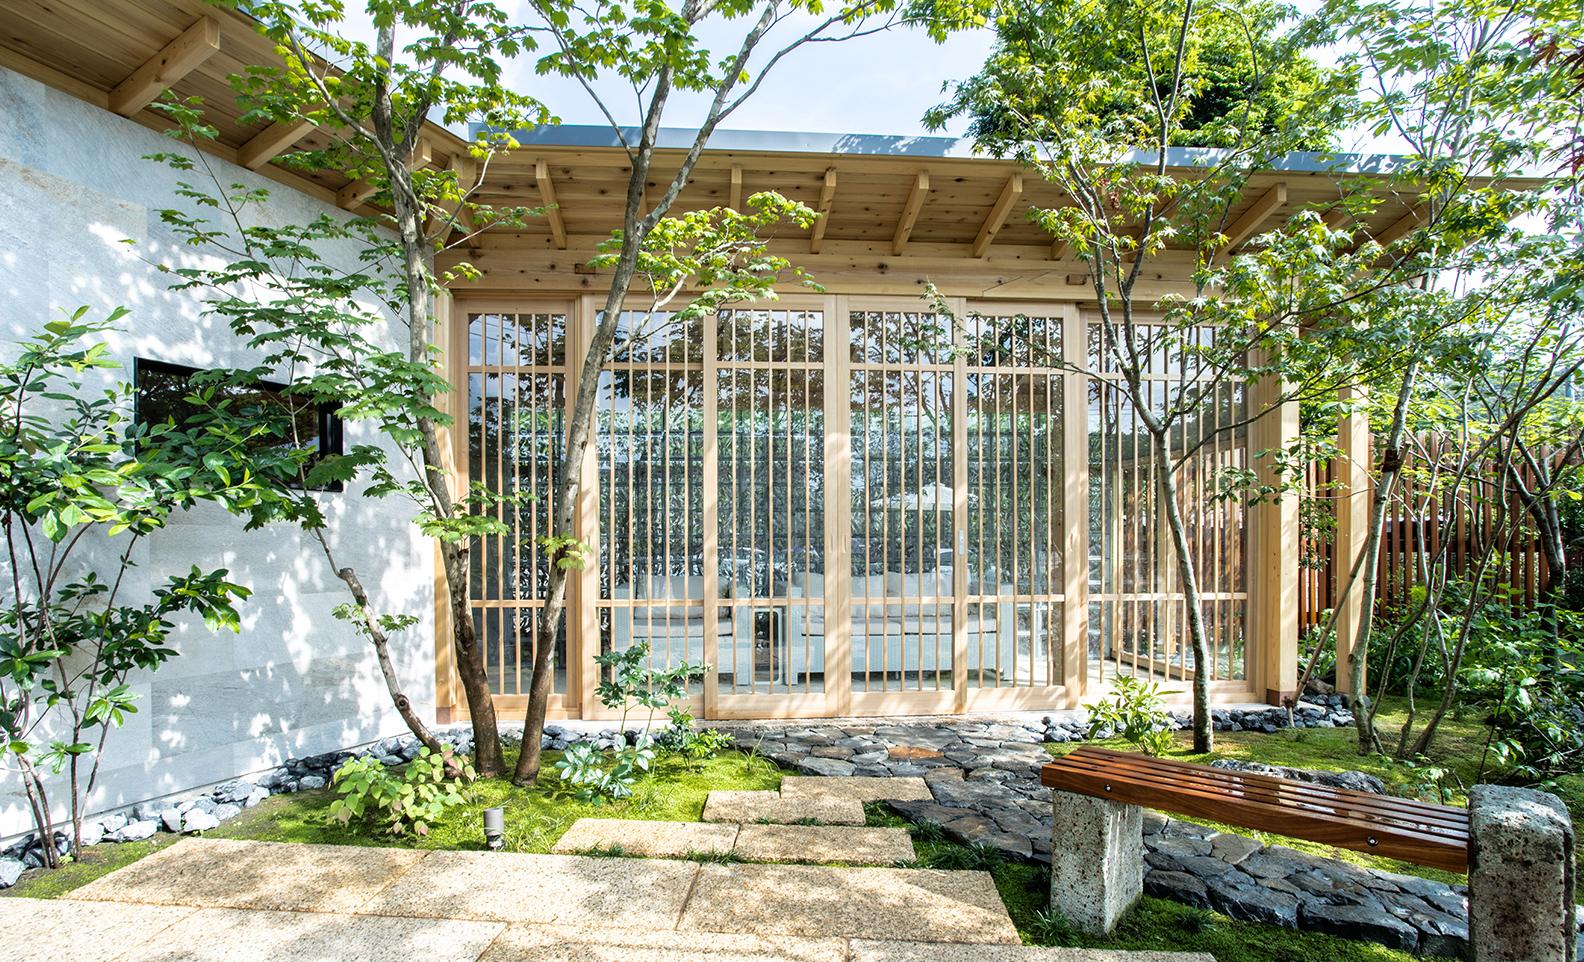 東京都あきる野市、庭園デザイン